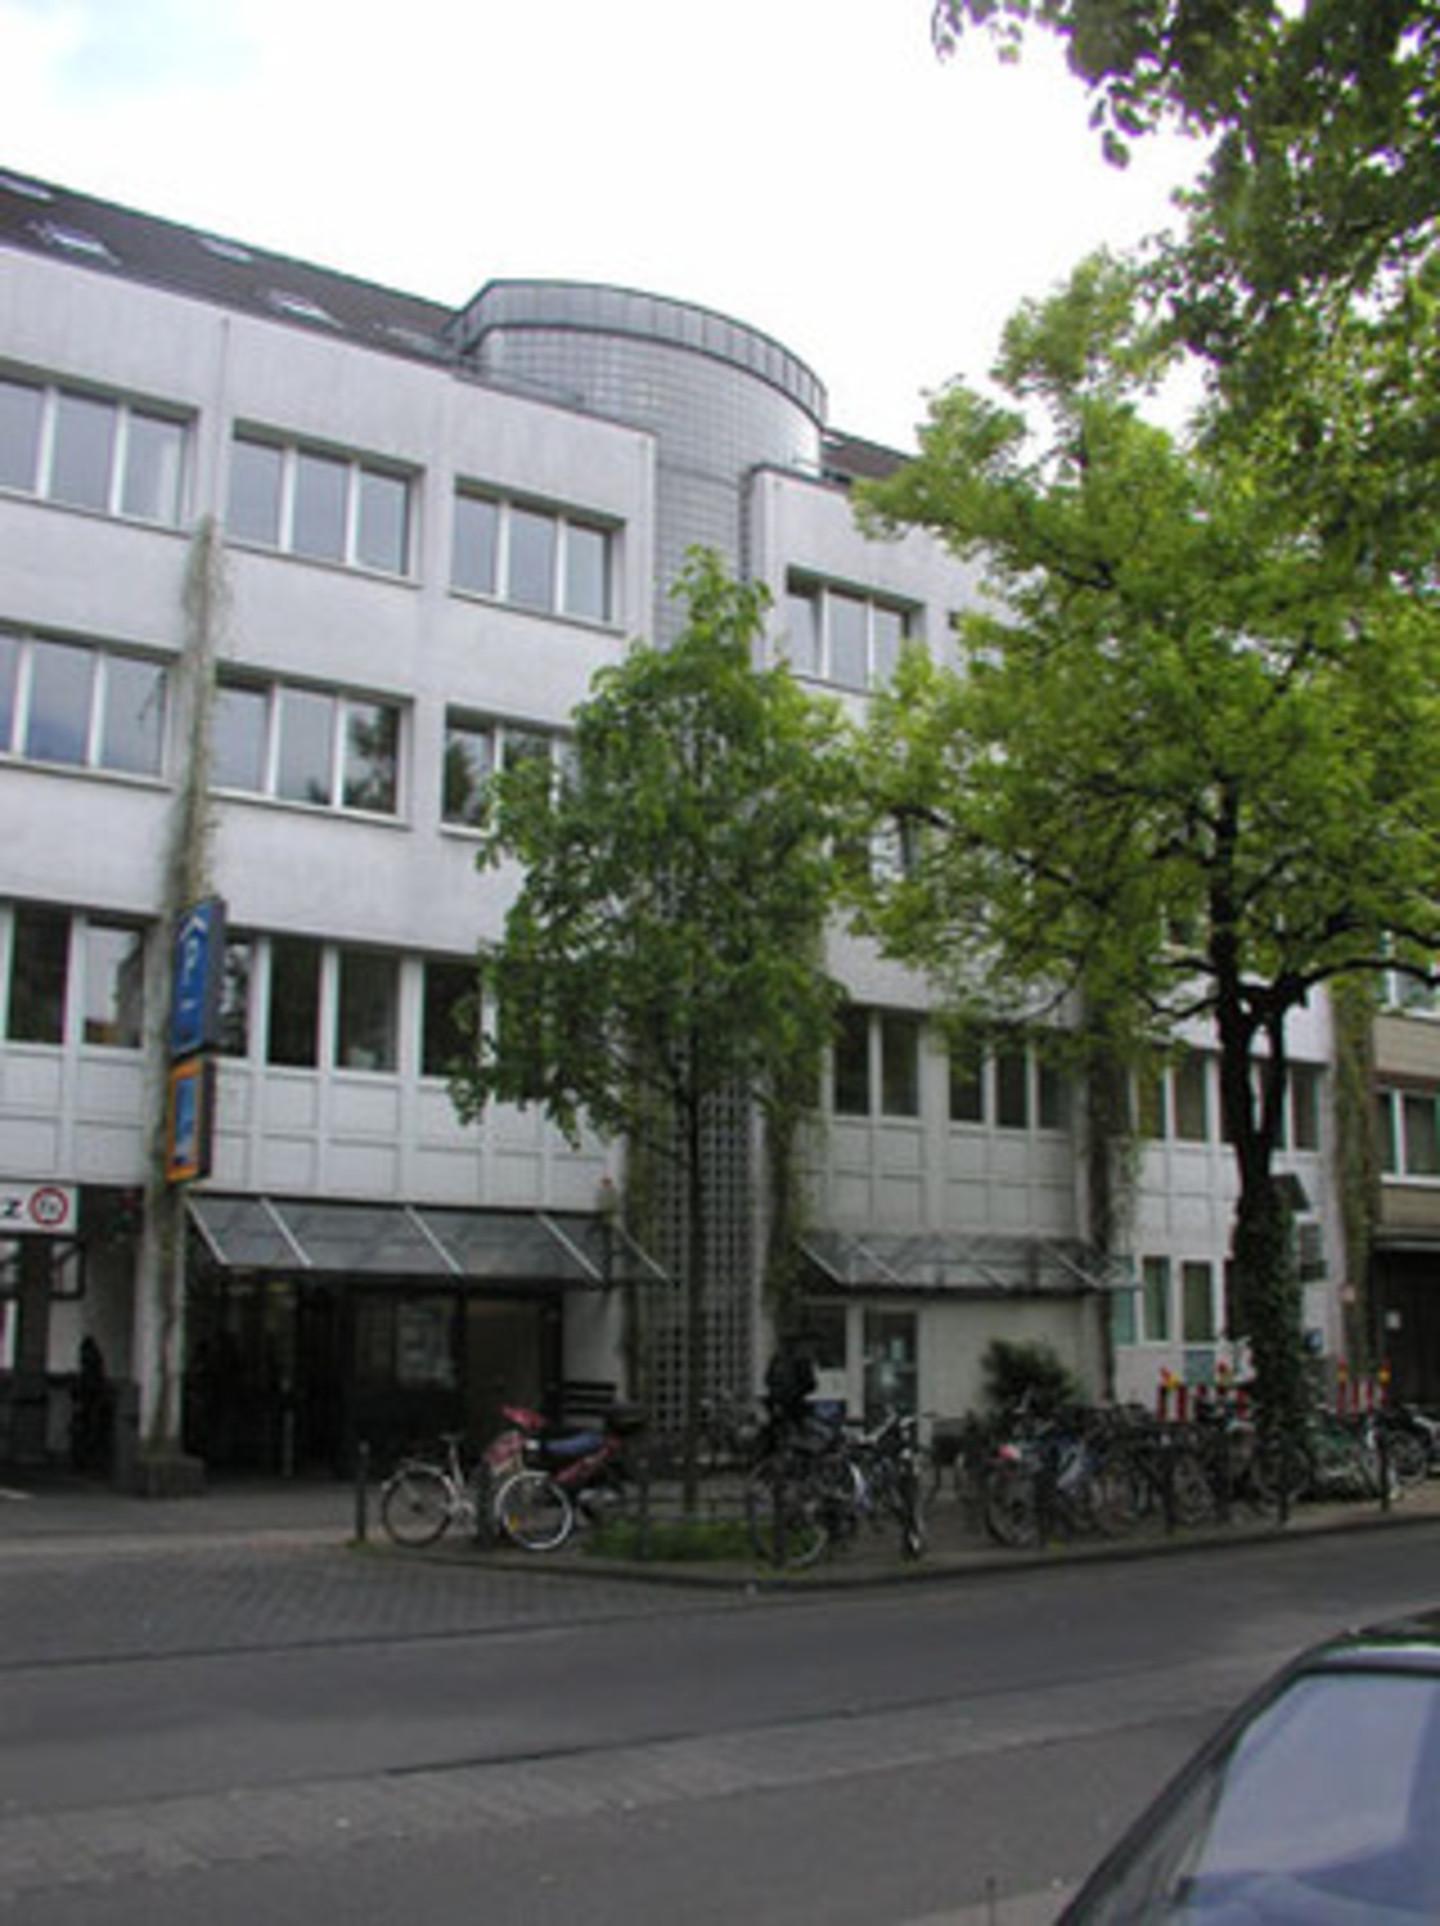 Haltestelle Universität Köln